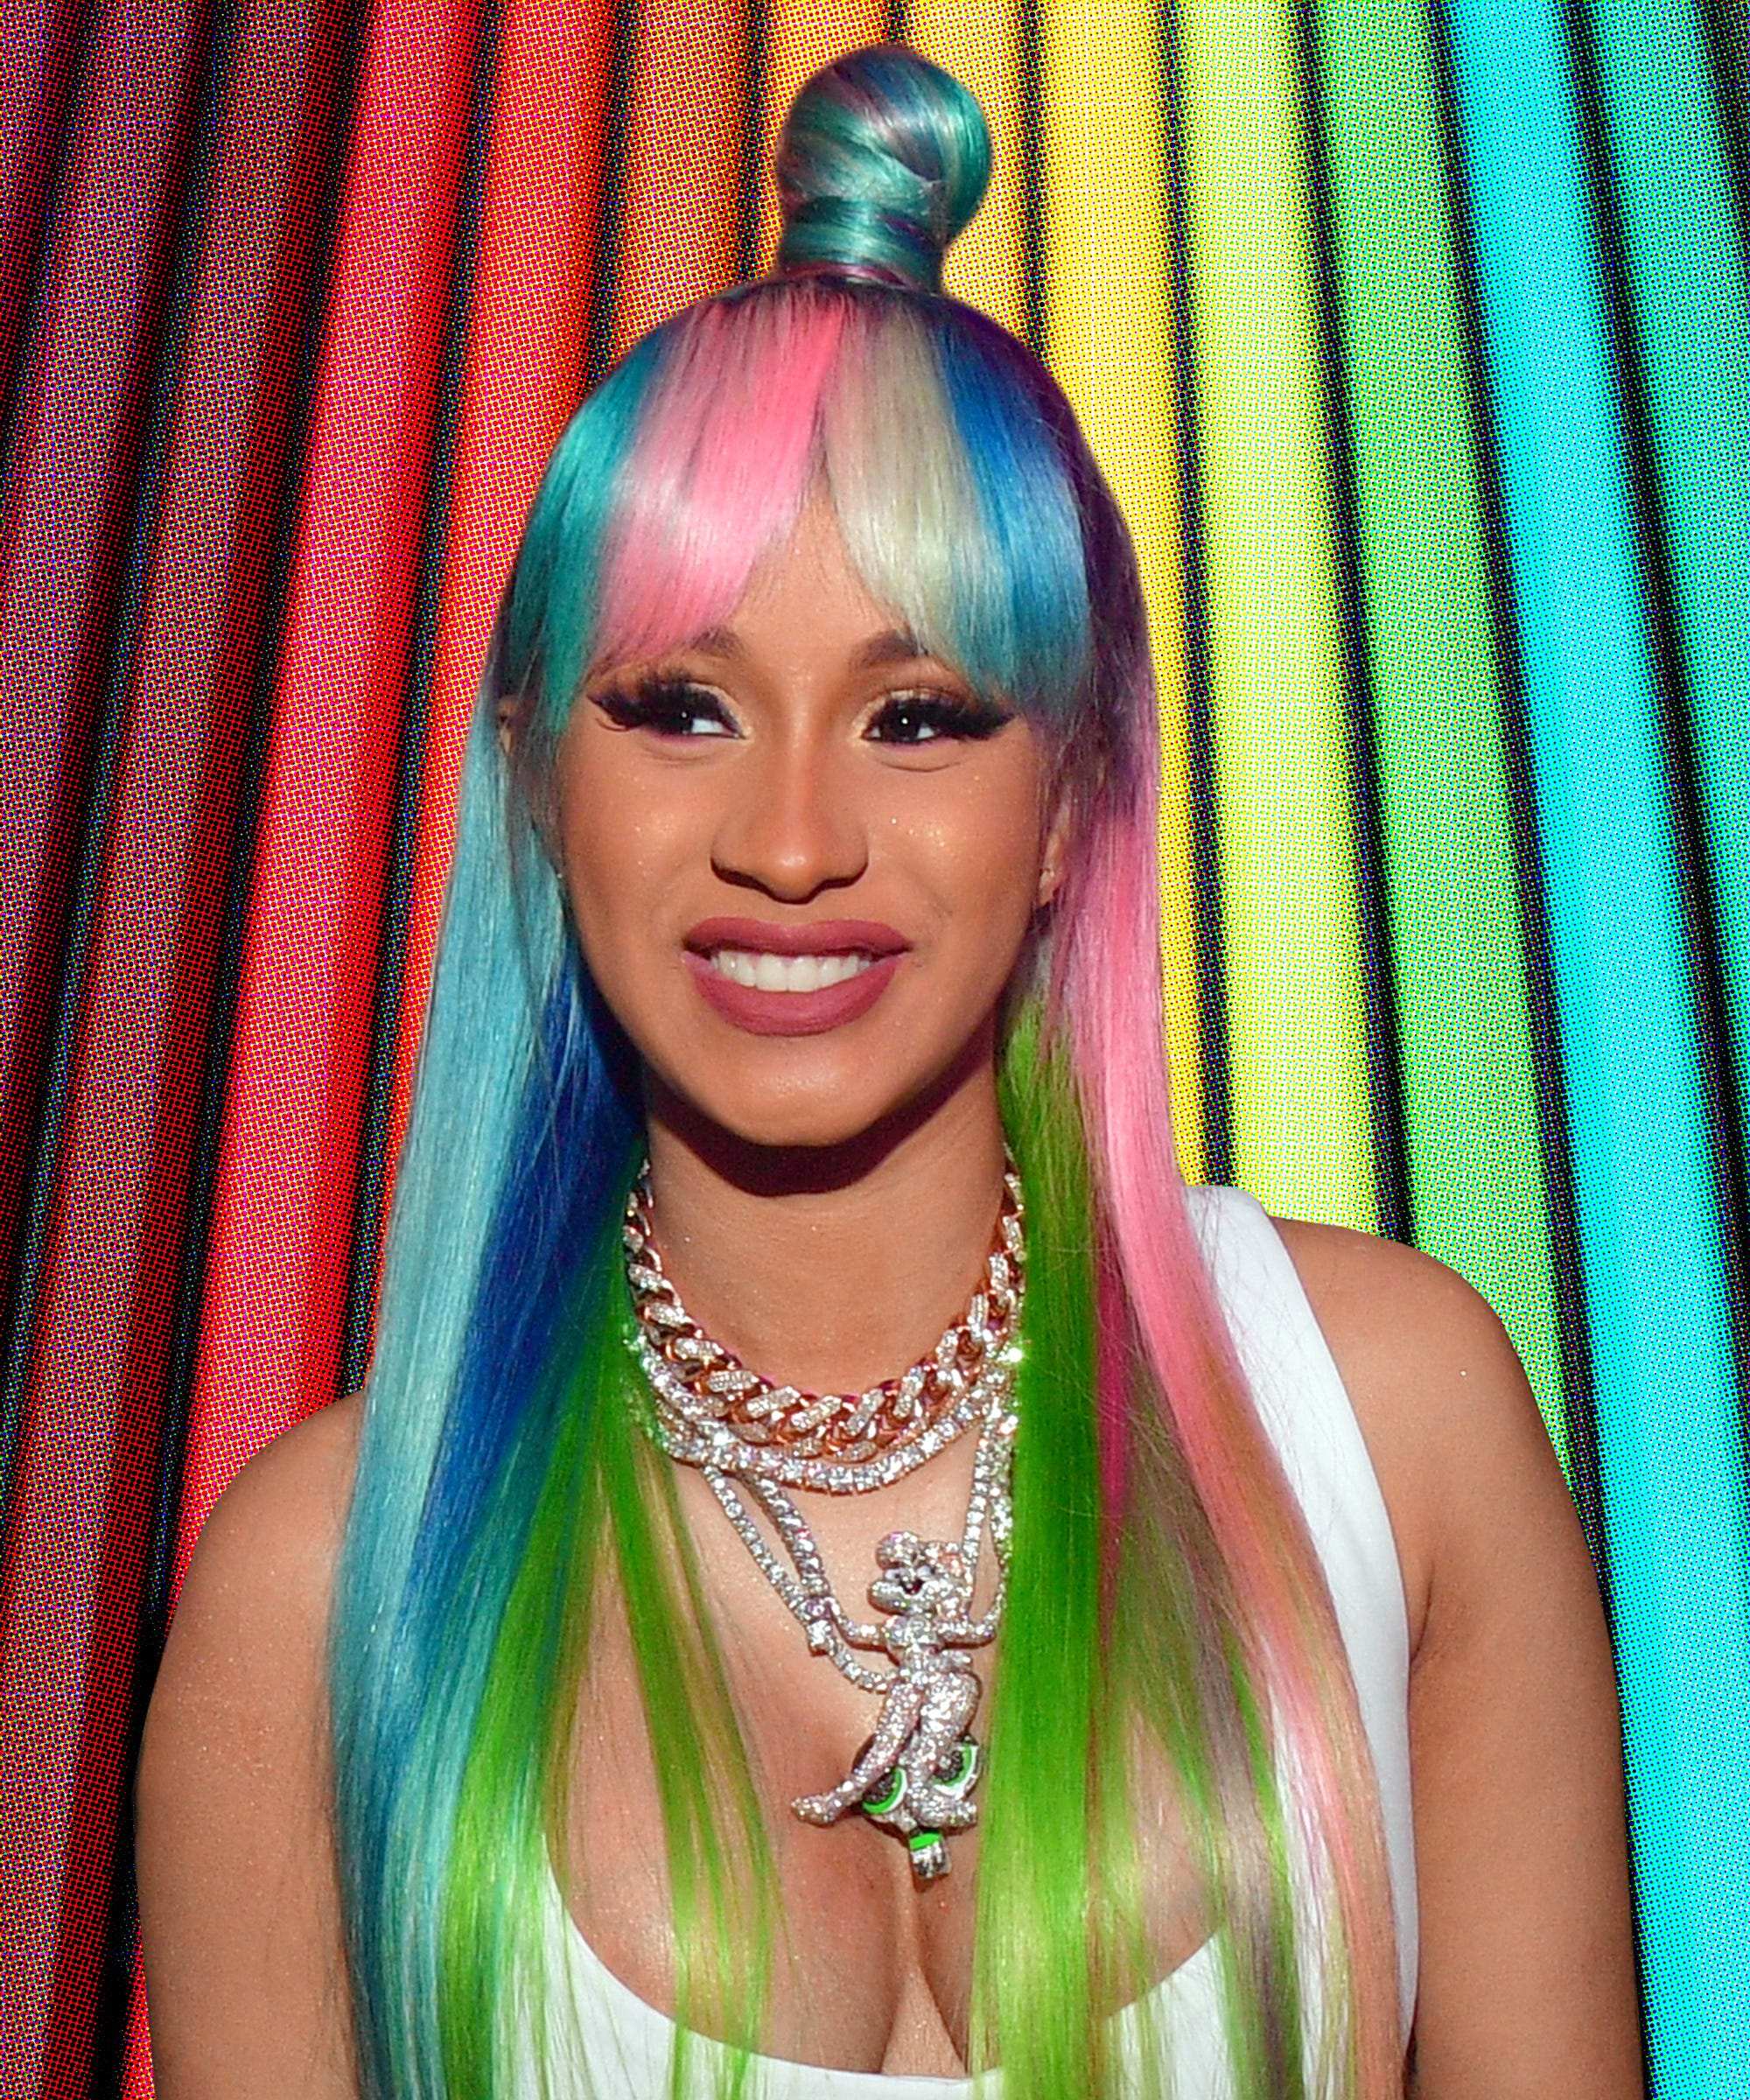 Rainbow Hair Color On Trend For Fall 2018 Nicki Minaj